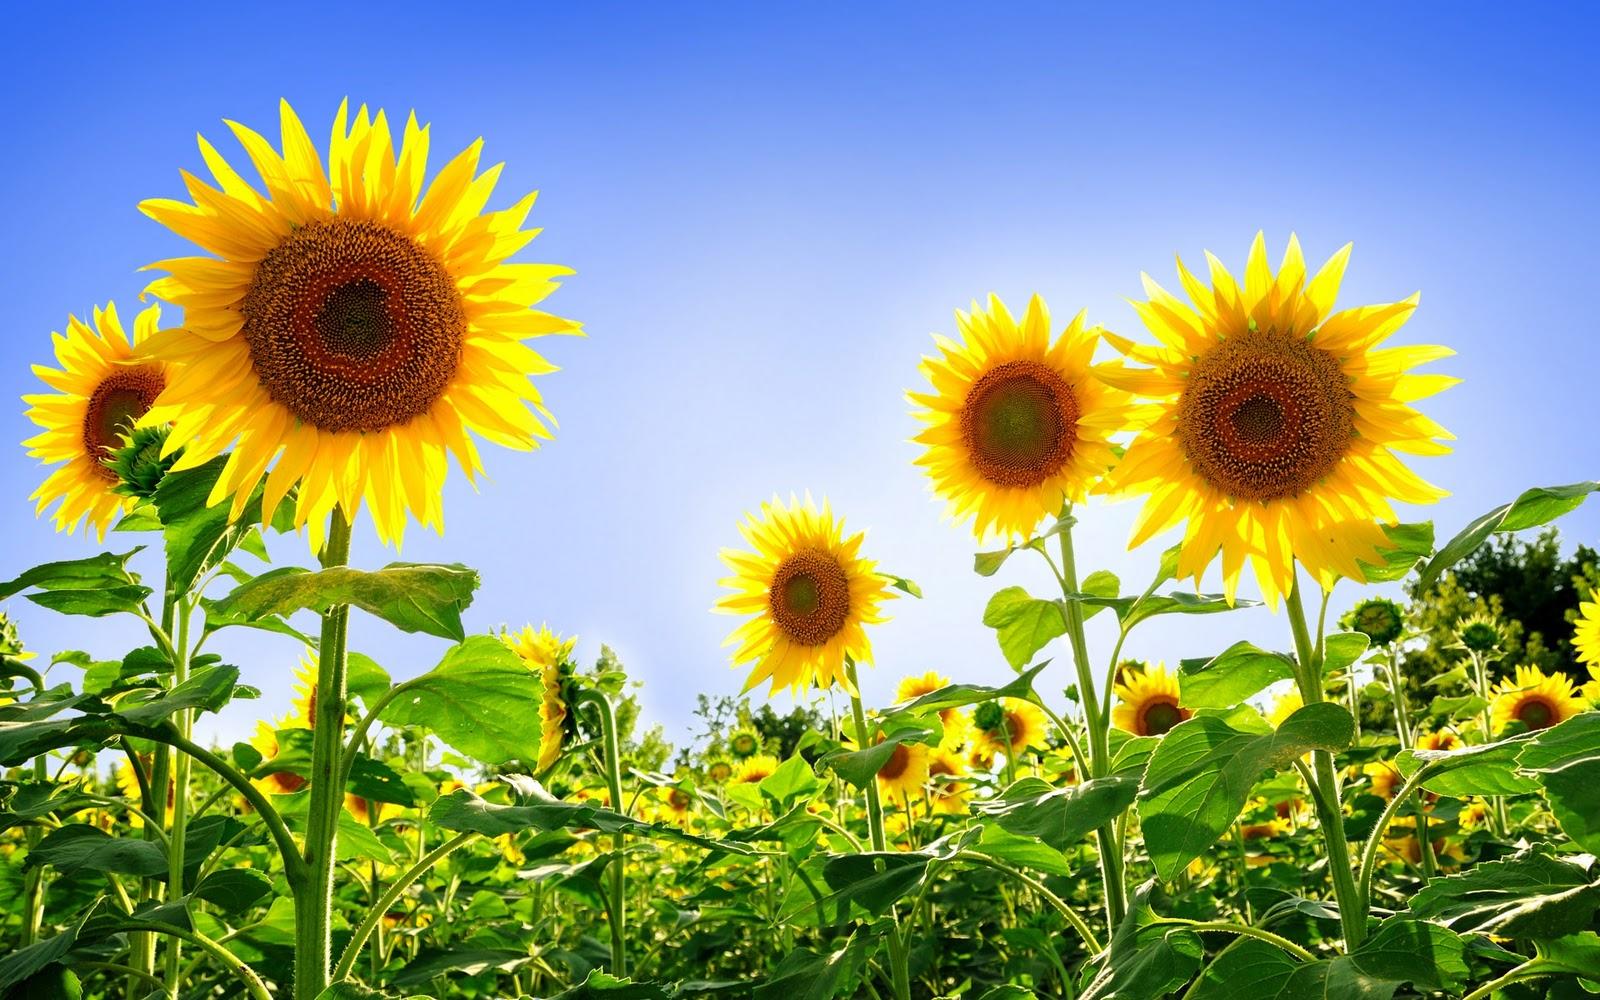 Sun Flowers HD Wallpaper Free Desktop